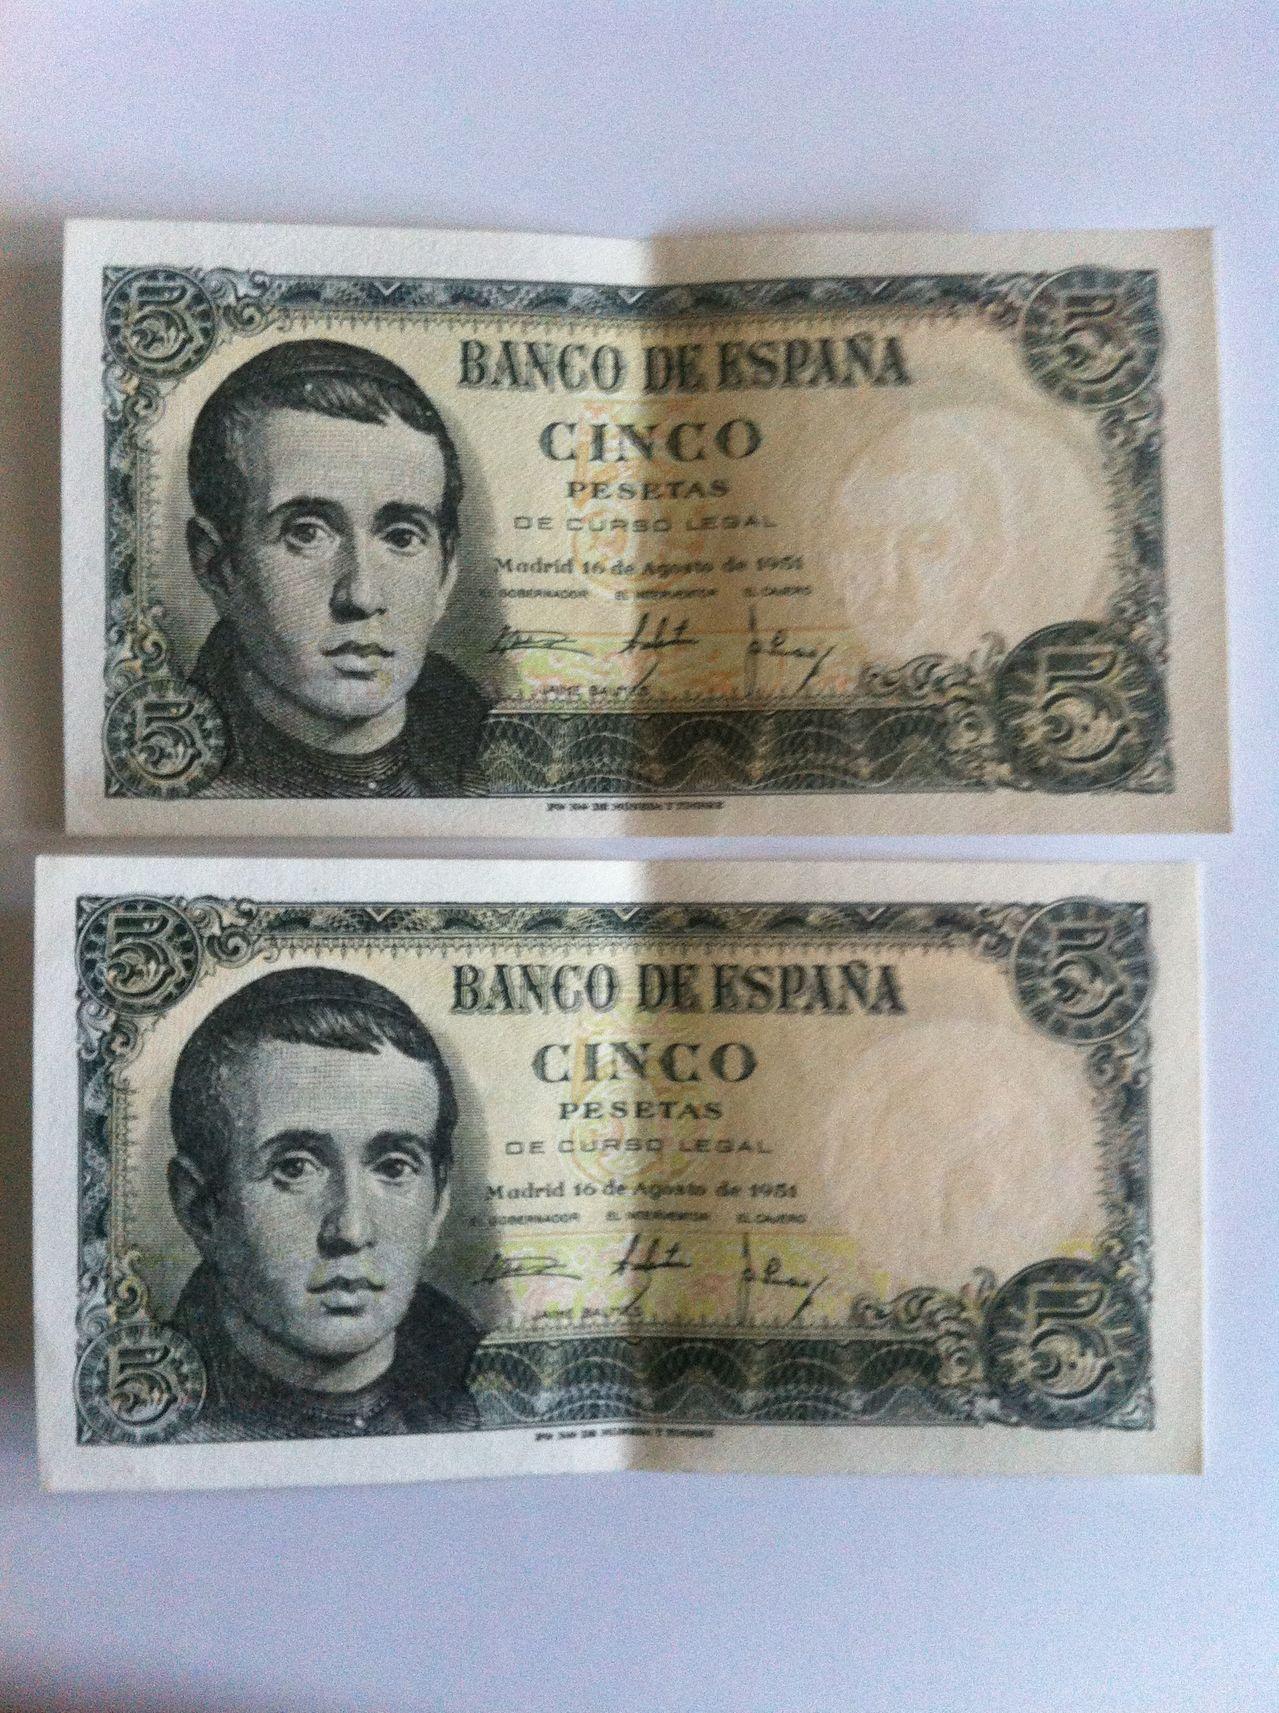 Ayuda para valorar coleccion de billetes IMG_4961